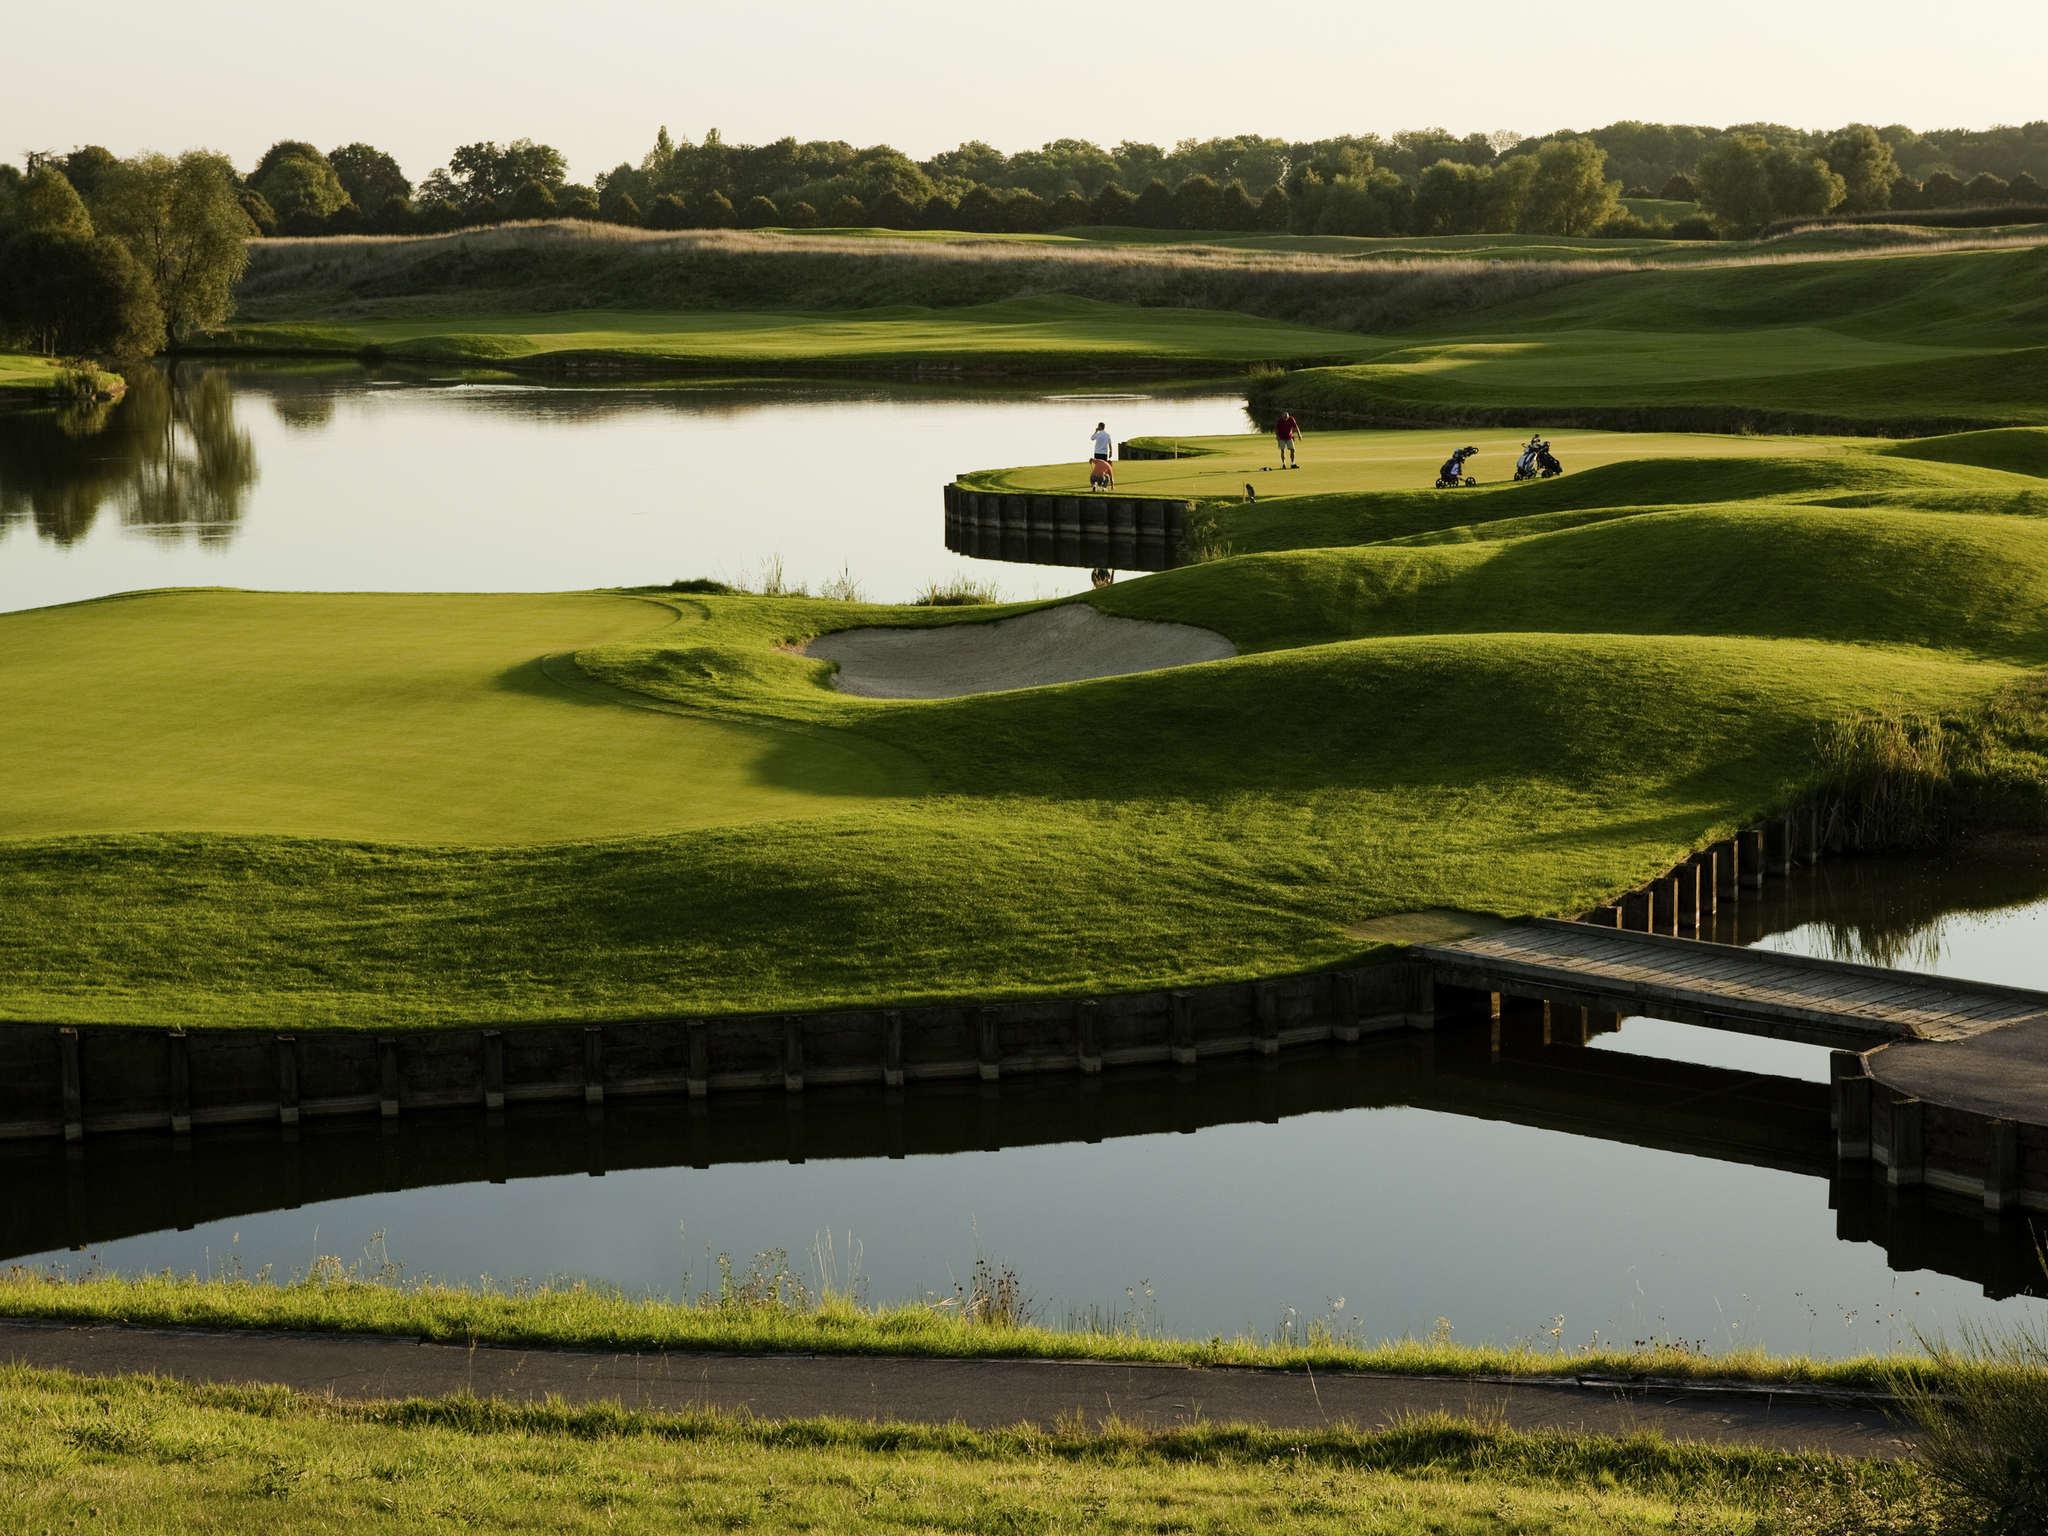 โรงแรม – Novotel Saint-Quentin Golf National